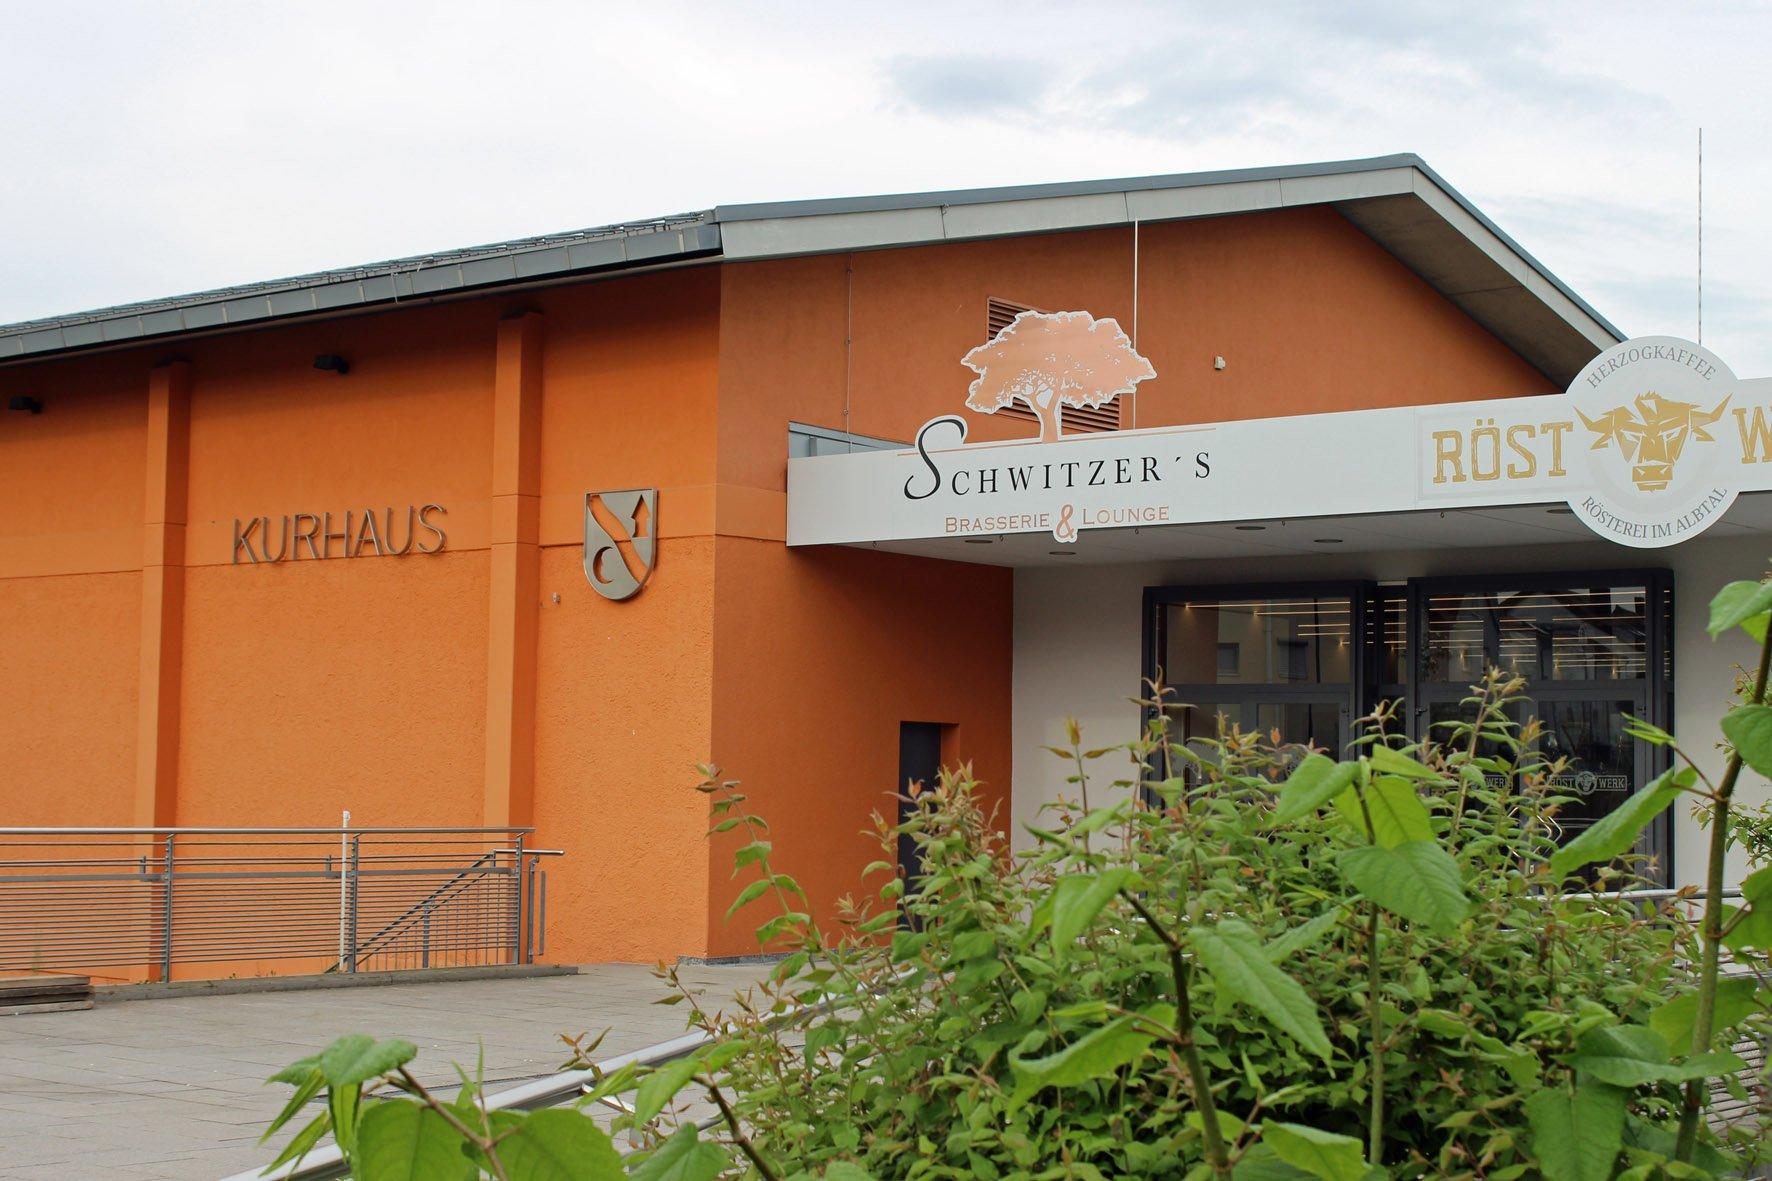 Terrasse Kurhaus Waldbronn und Schwitzer´s Brasserie